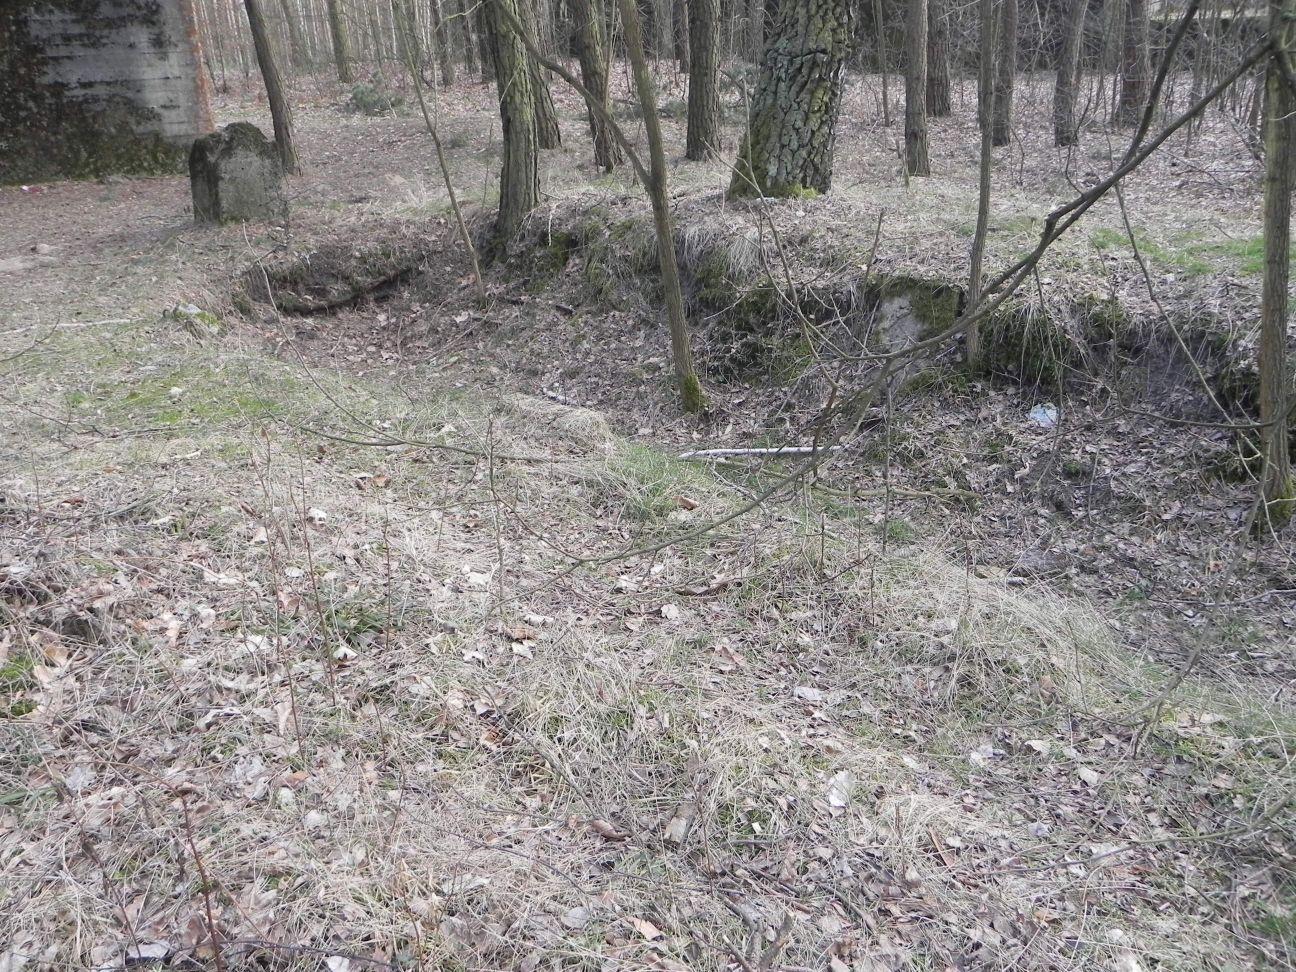 Jeleń - Bunkier Uzdatniania Wody (59)